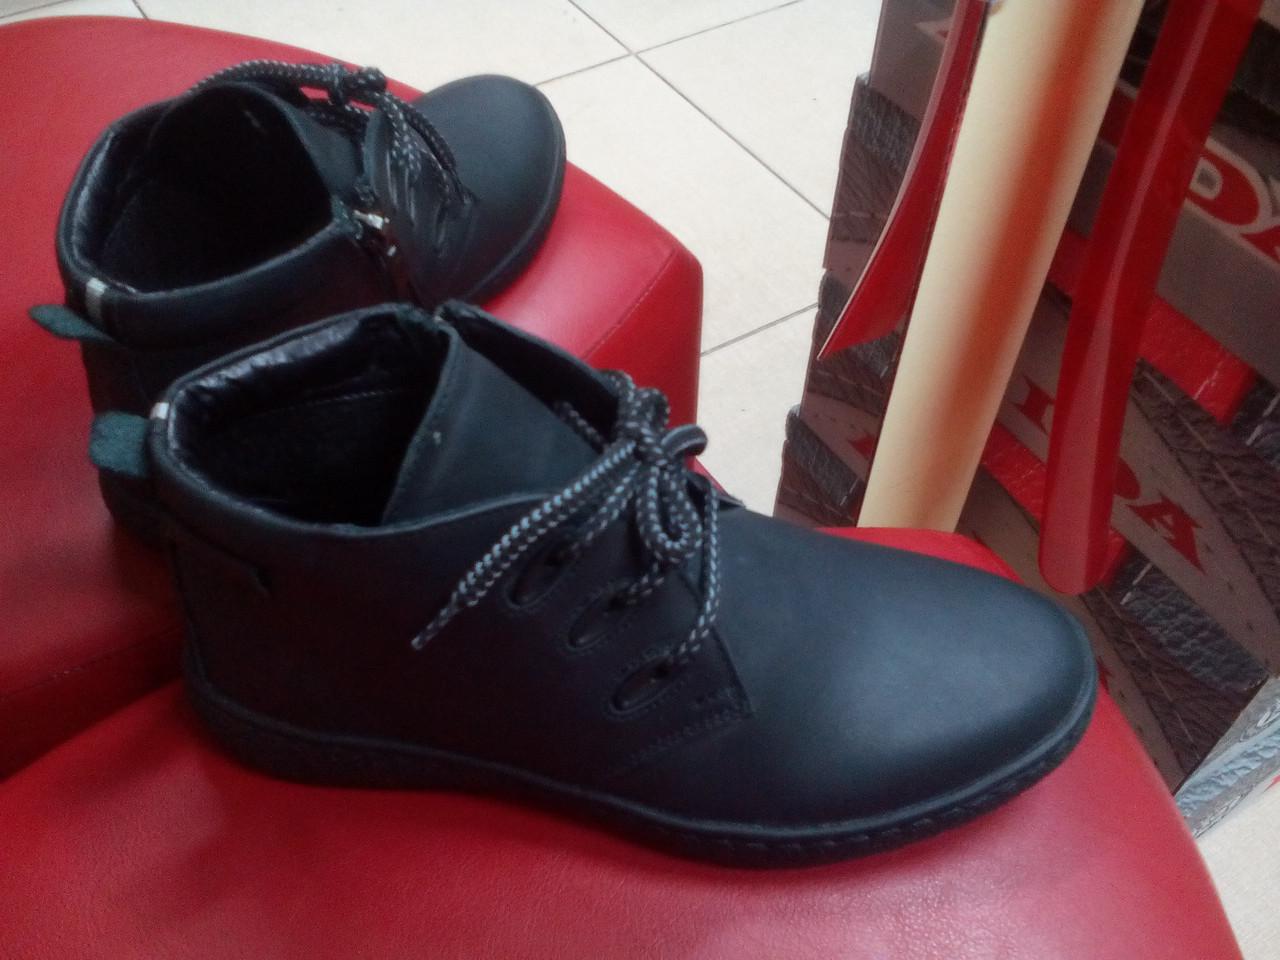 Подростковые демисезонные ботинки  МИДА 32002-3 черные из натуральной матовой кожи